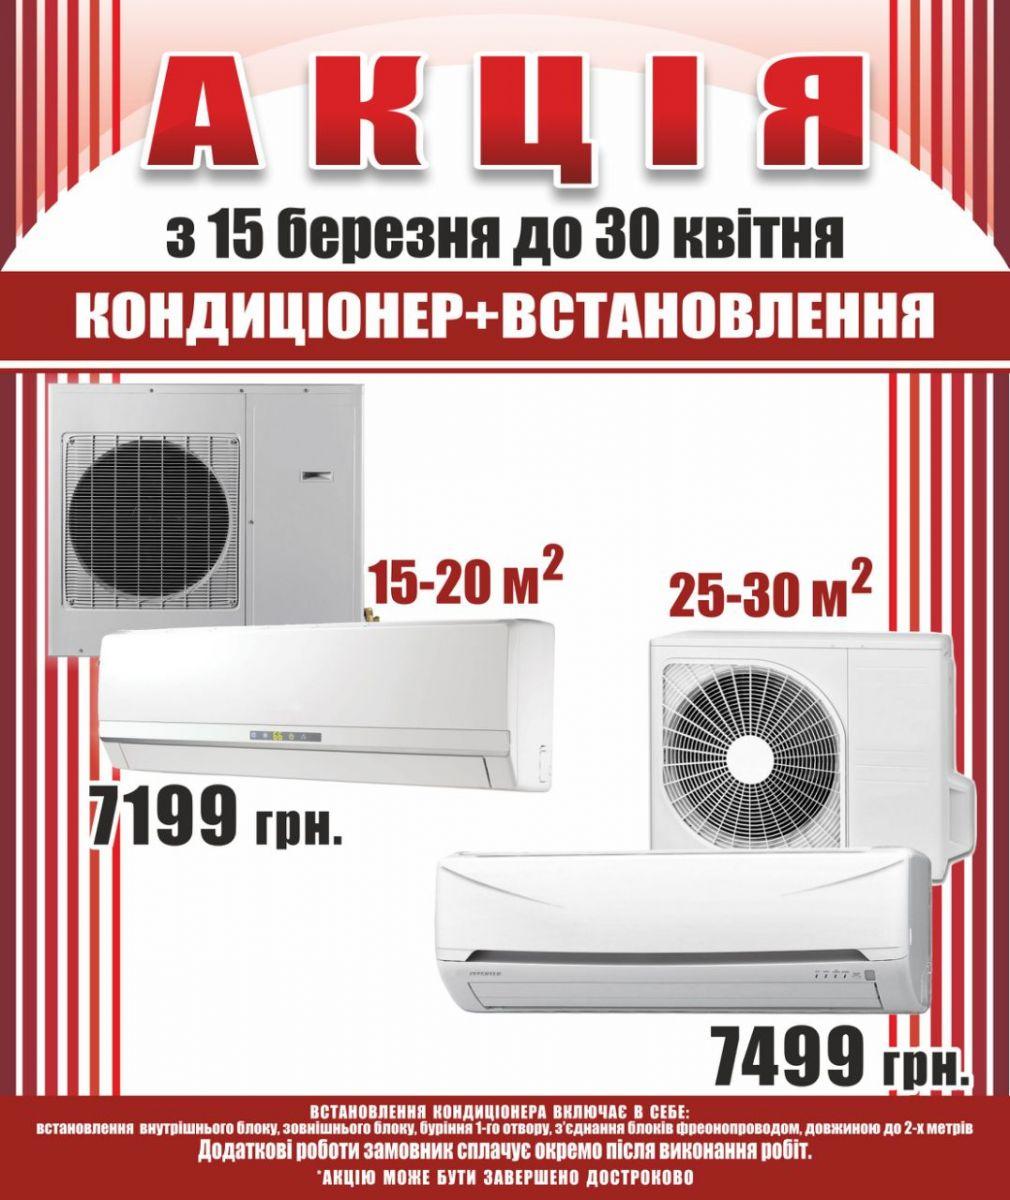 Акция с 15 марта пщ 30 апреля. Продажа кондиционеров с установкой. Кропивницкий.